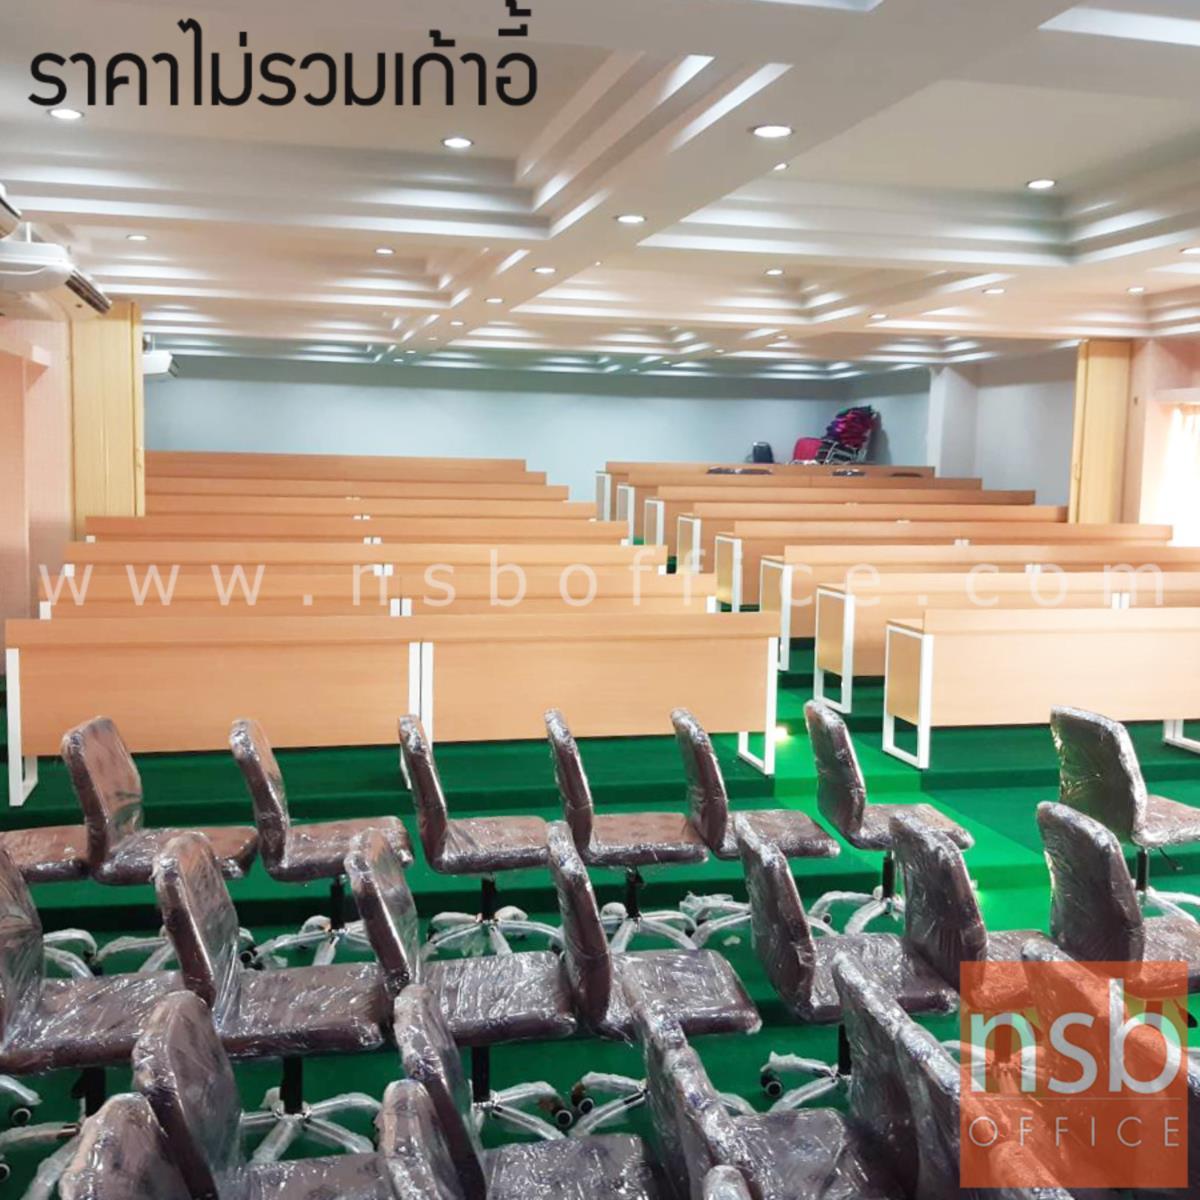 โต๊ะนักเรียน  ขนาด 120W ,150W ,180W ,210W cm.  มีบังตารอบตัว พร้อมขอบกันตกหน้า